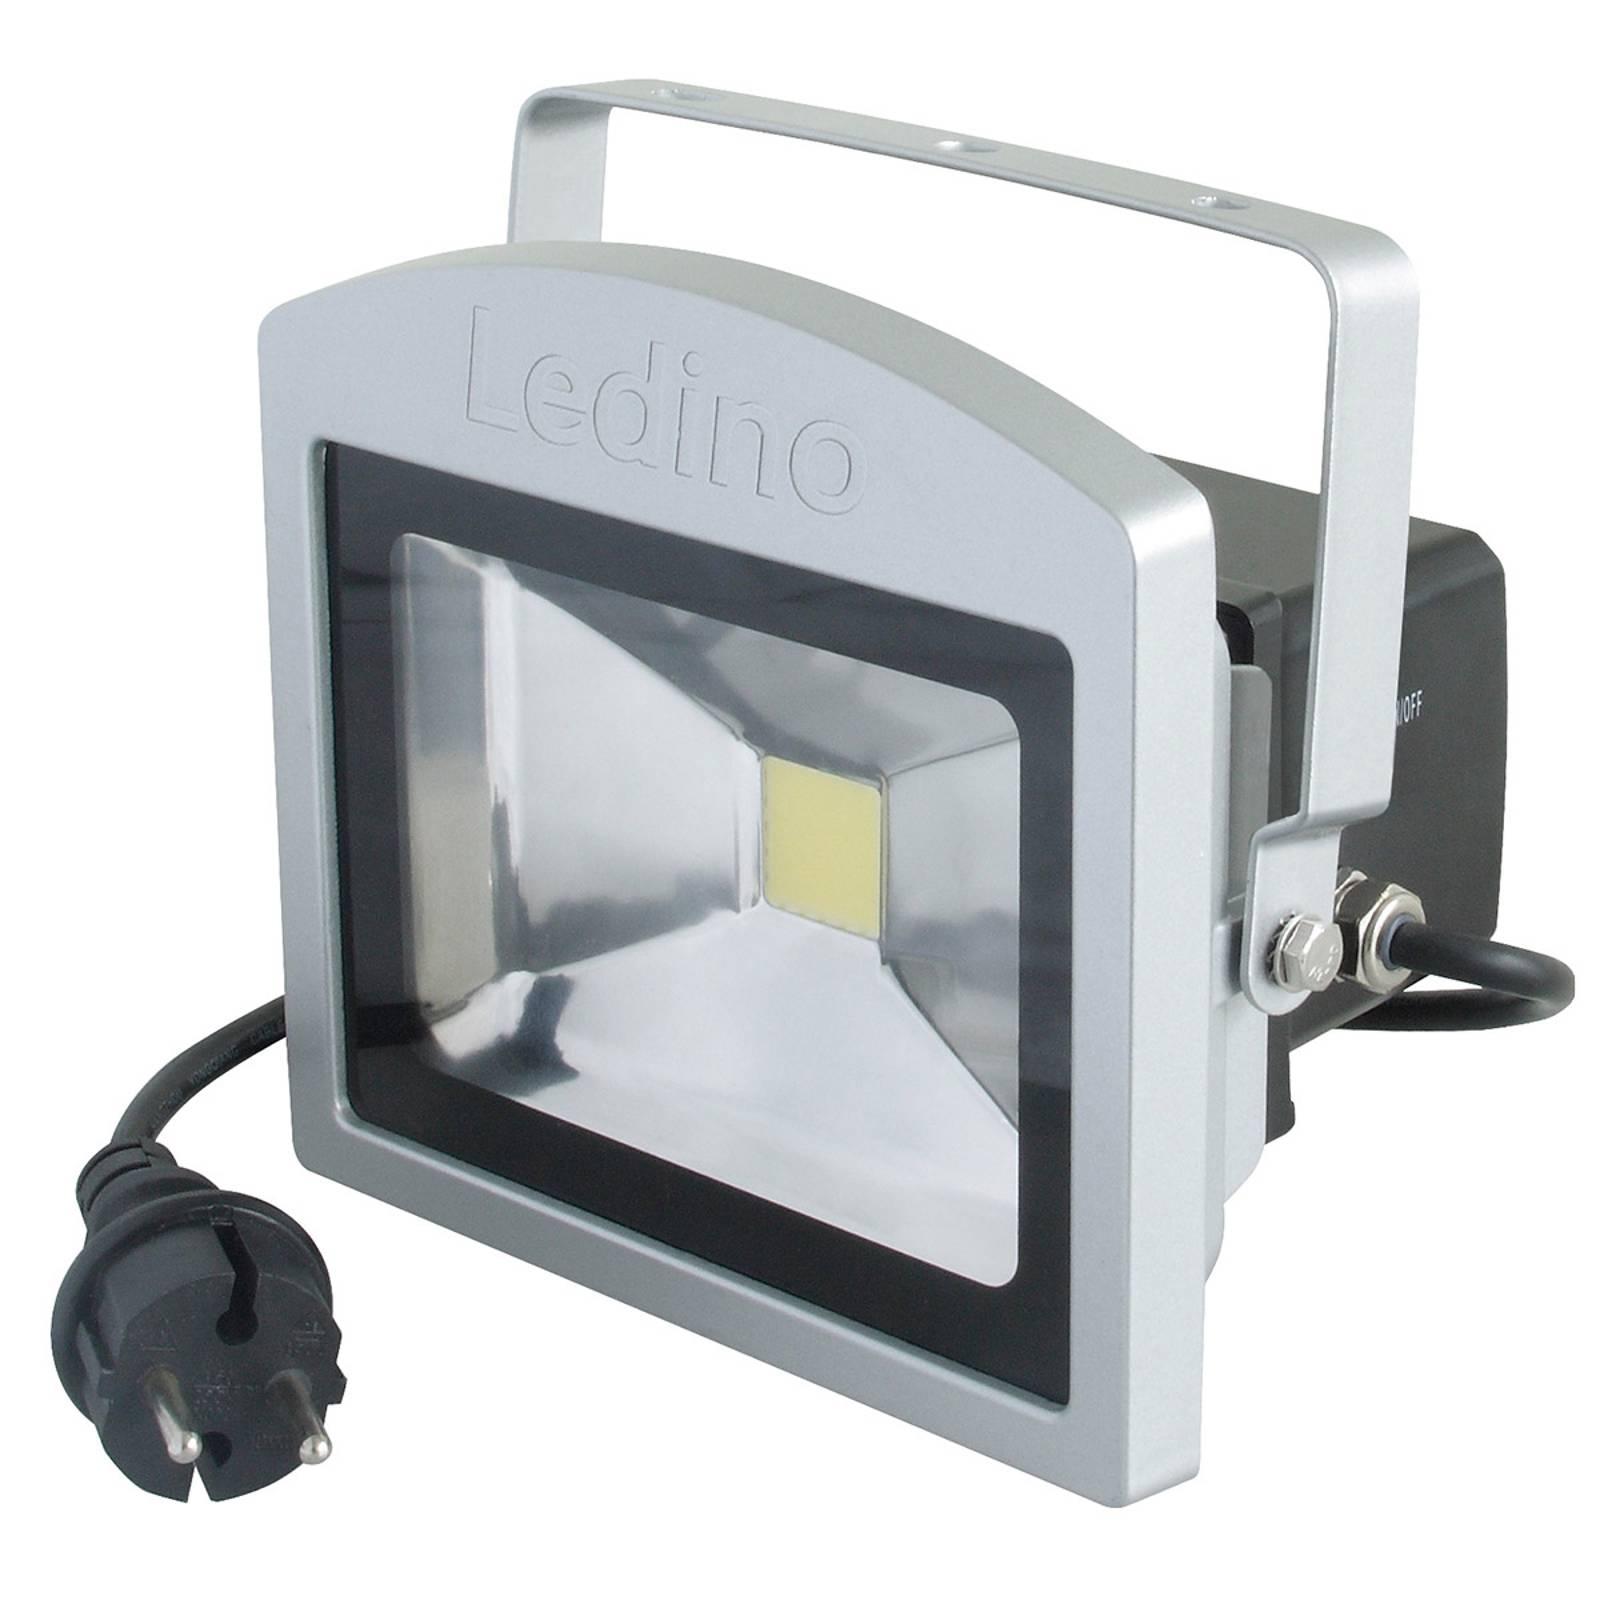 LED spot Benrath, antipanieklamp met accu